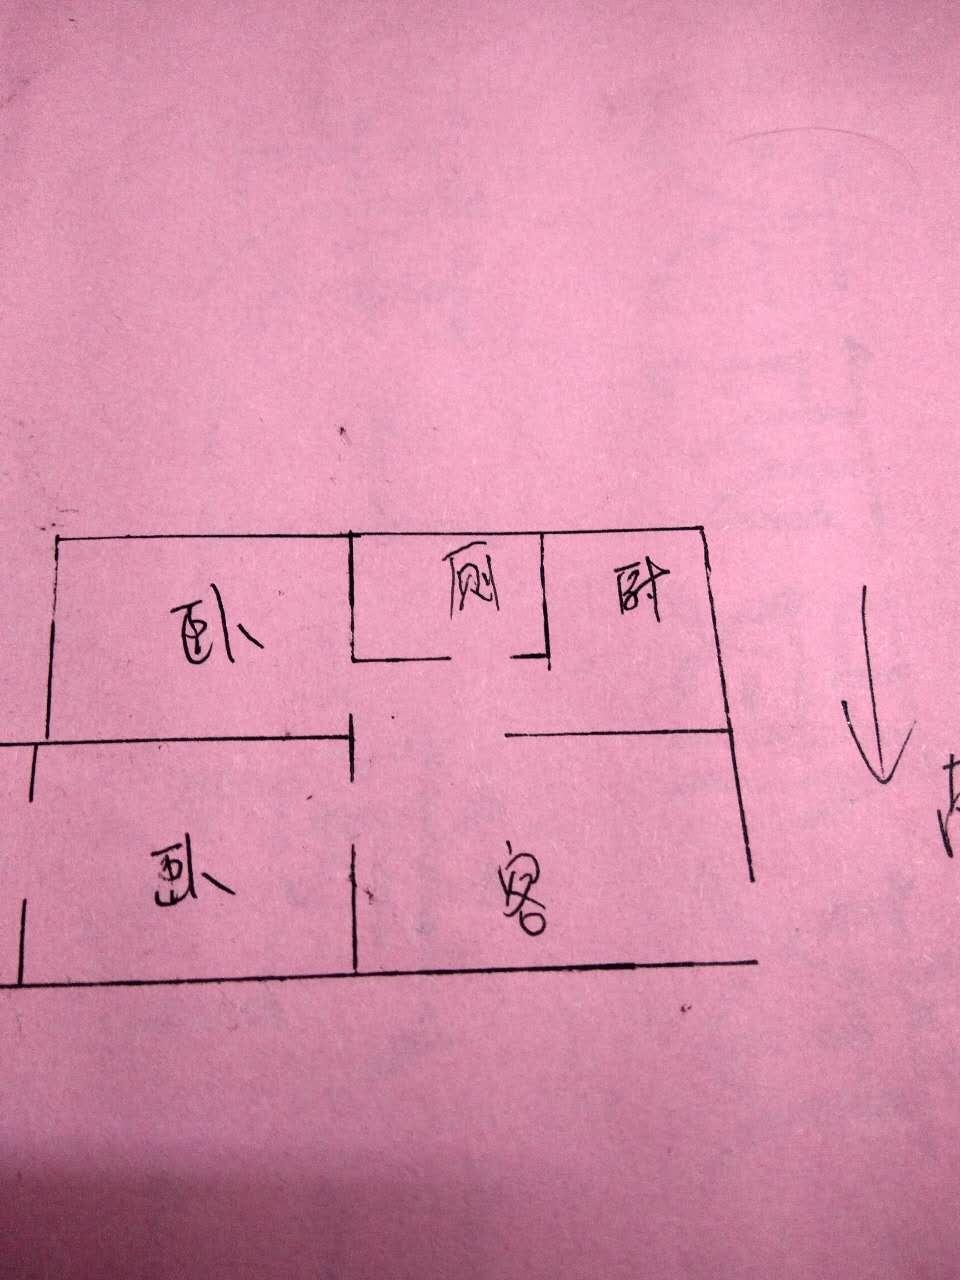 邹李小区 2室2厅 6楼